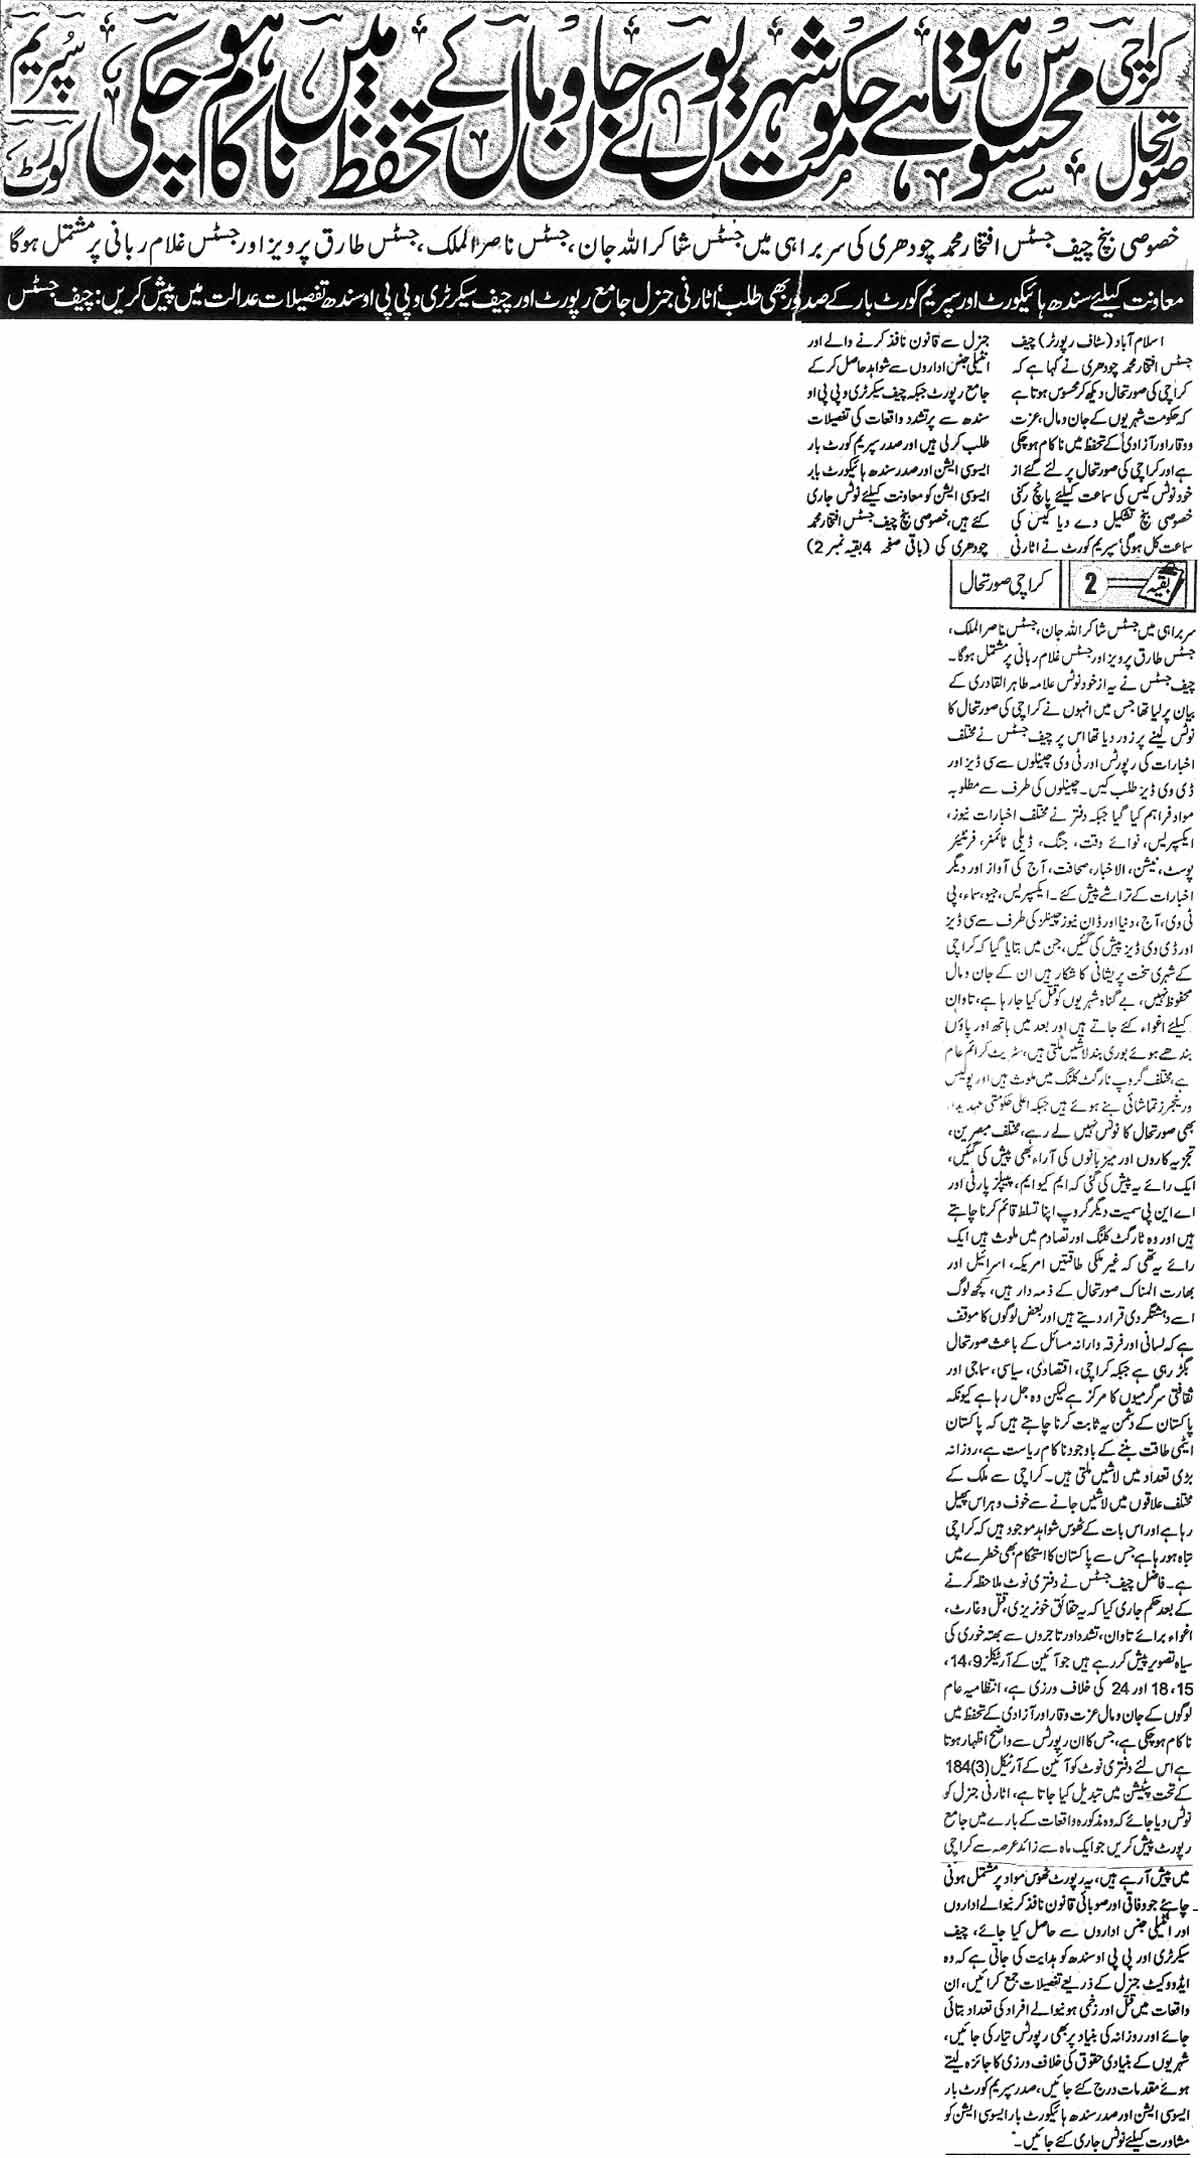 تحریک منہاج القرآن Minhaj-ul-Quran  Print Media Coverage پرنٹ میڈیا کوریج Daily Jinnah Front Page